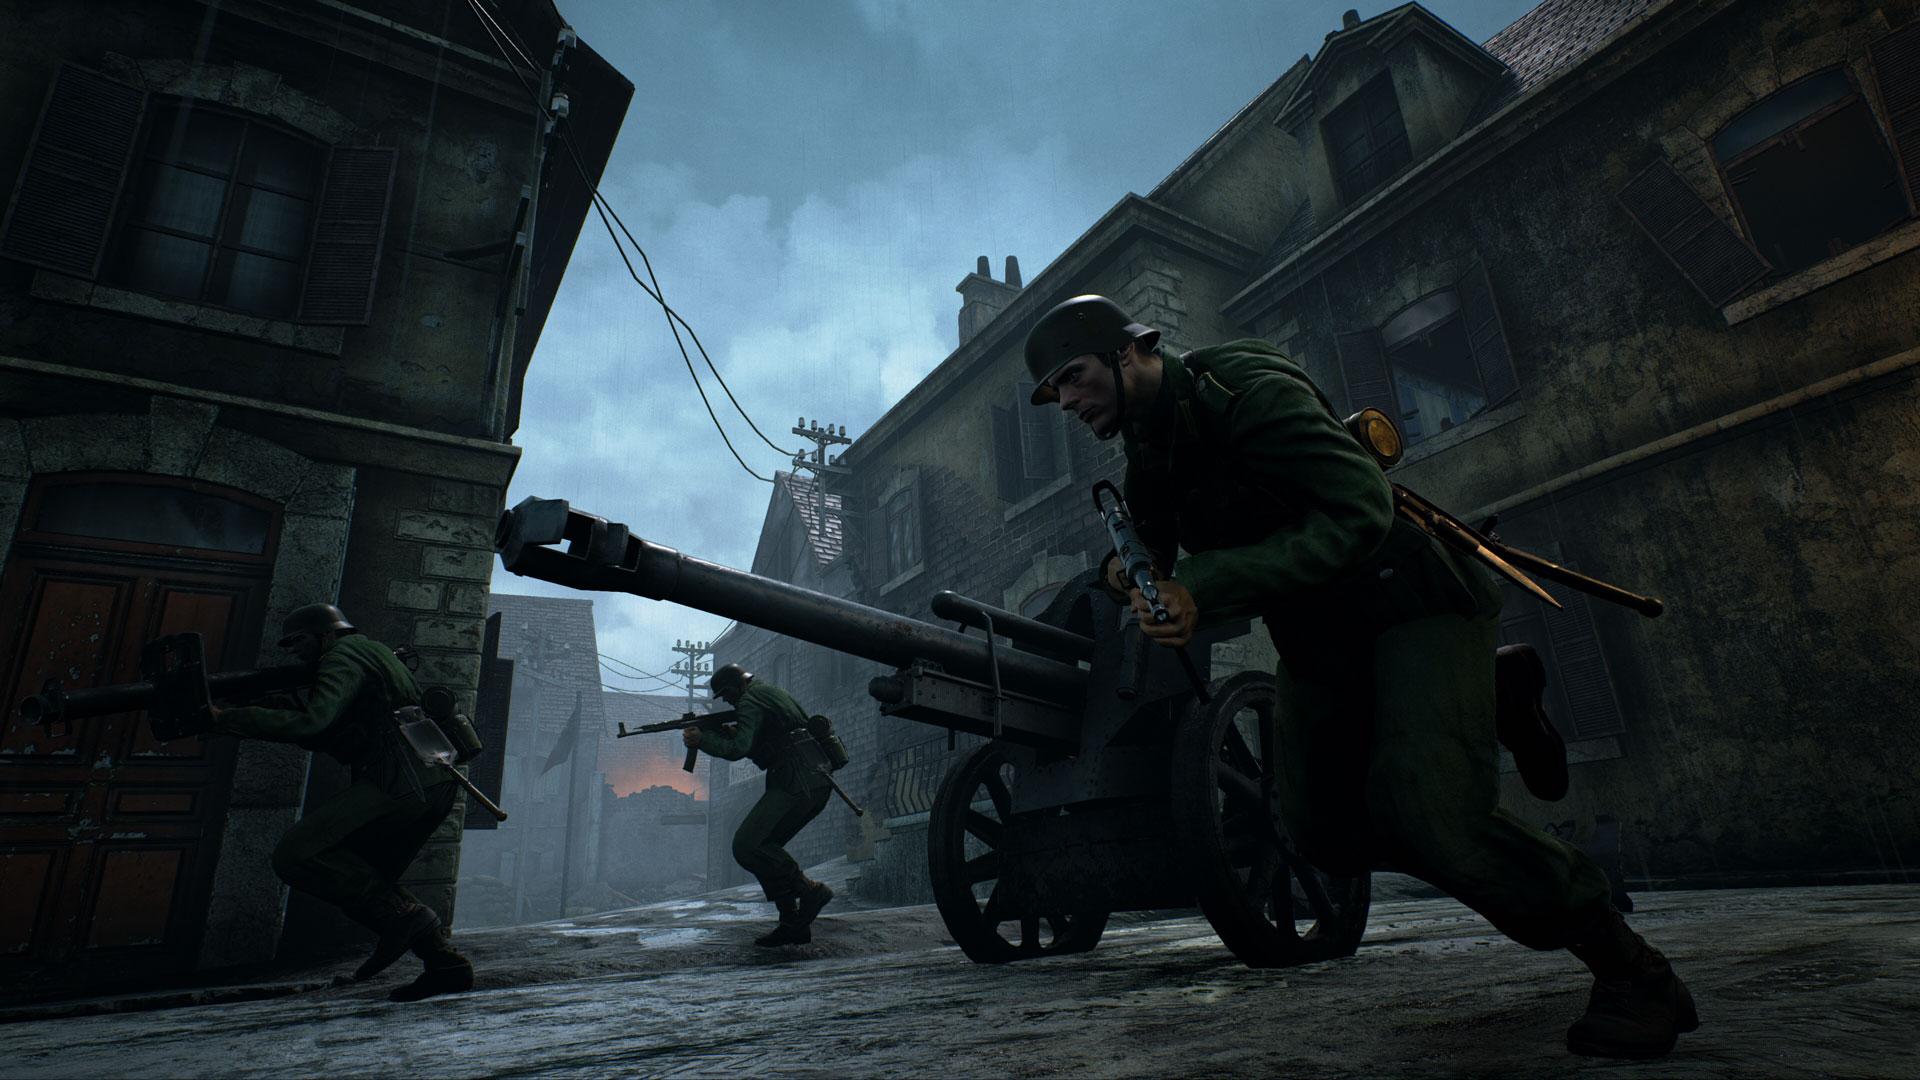 В Steam вышел шутер про Вторую мировую войну, в котором можно отстрелить врагу голову